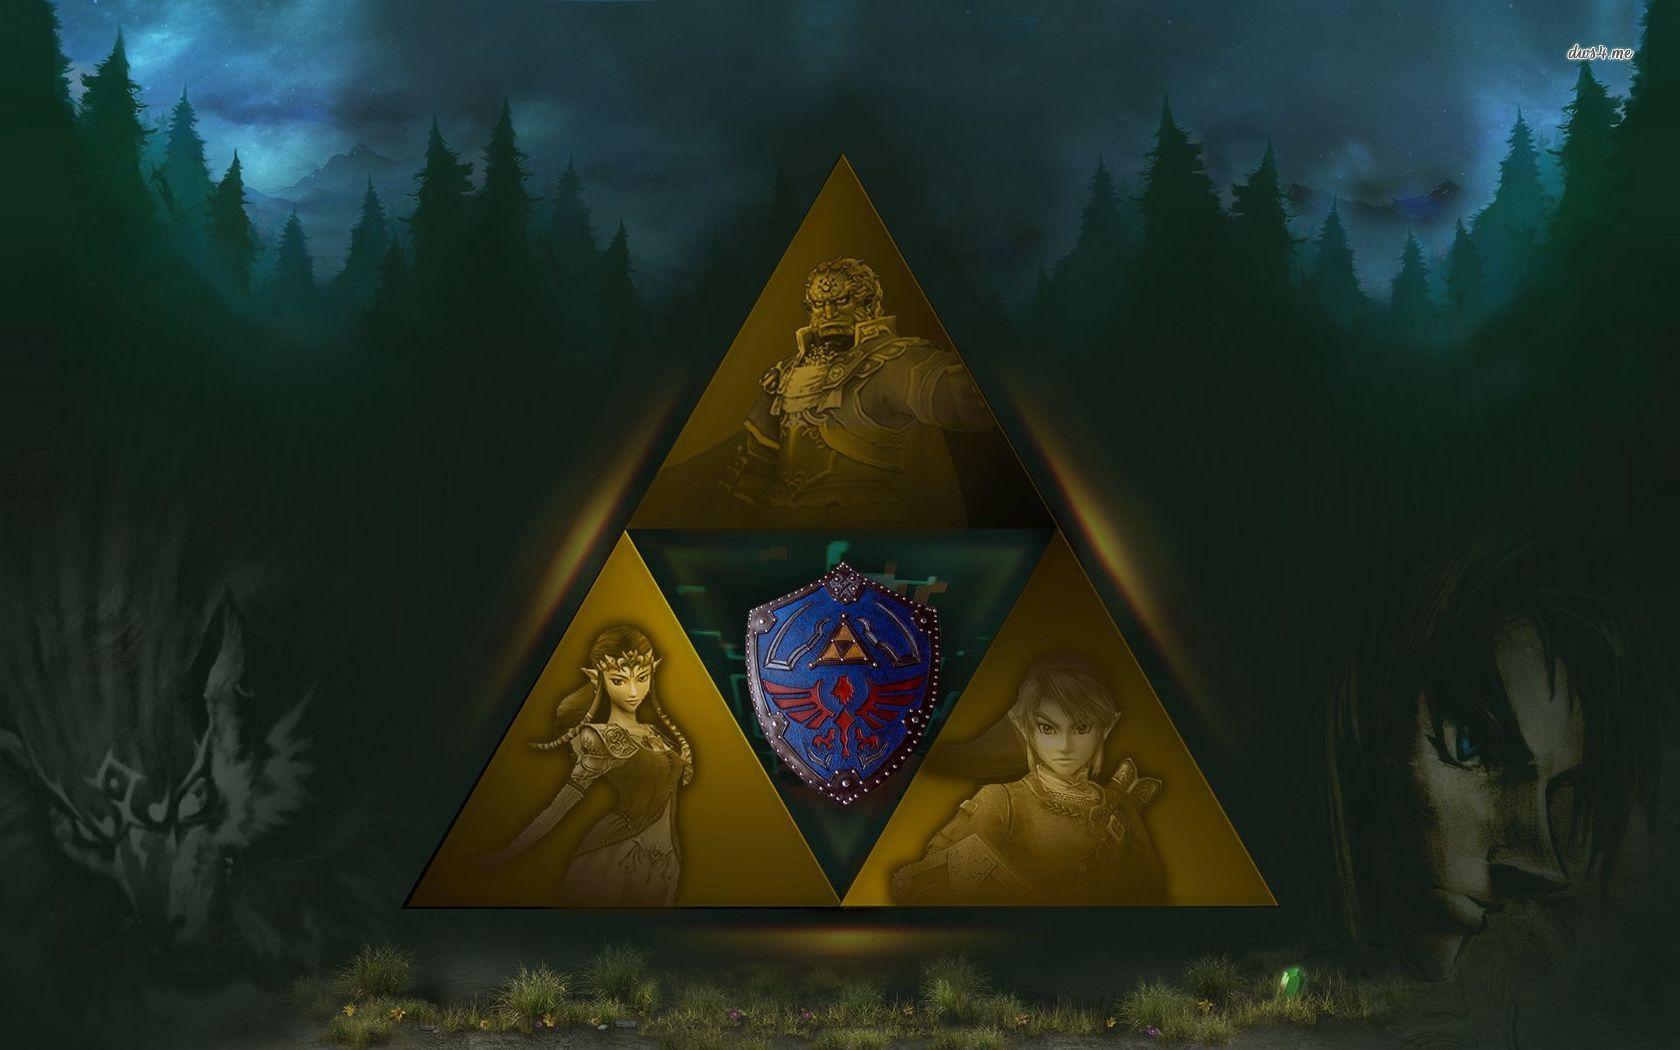 Triforce   The Legend of Zelda wallpaper   Game wallpapers   23021 1680x1050